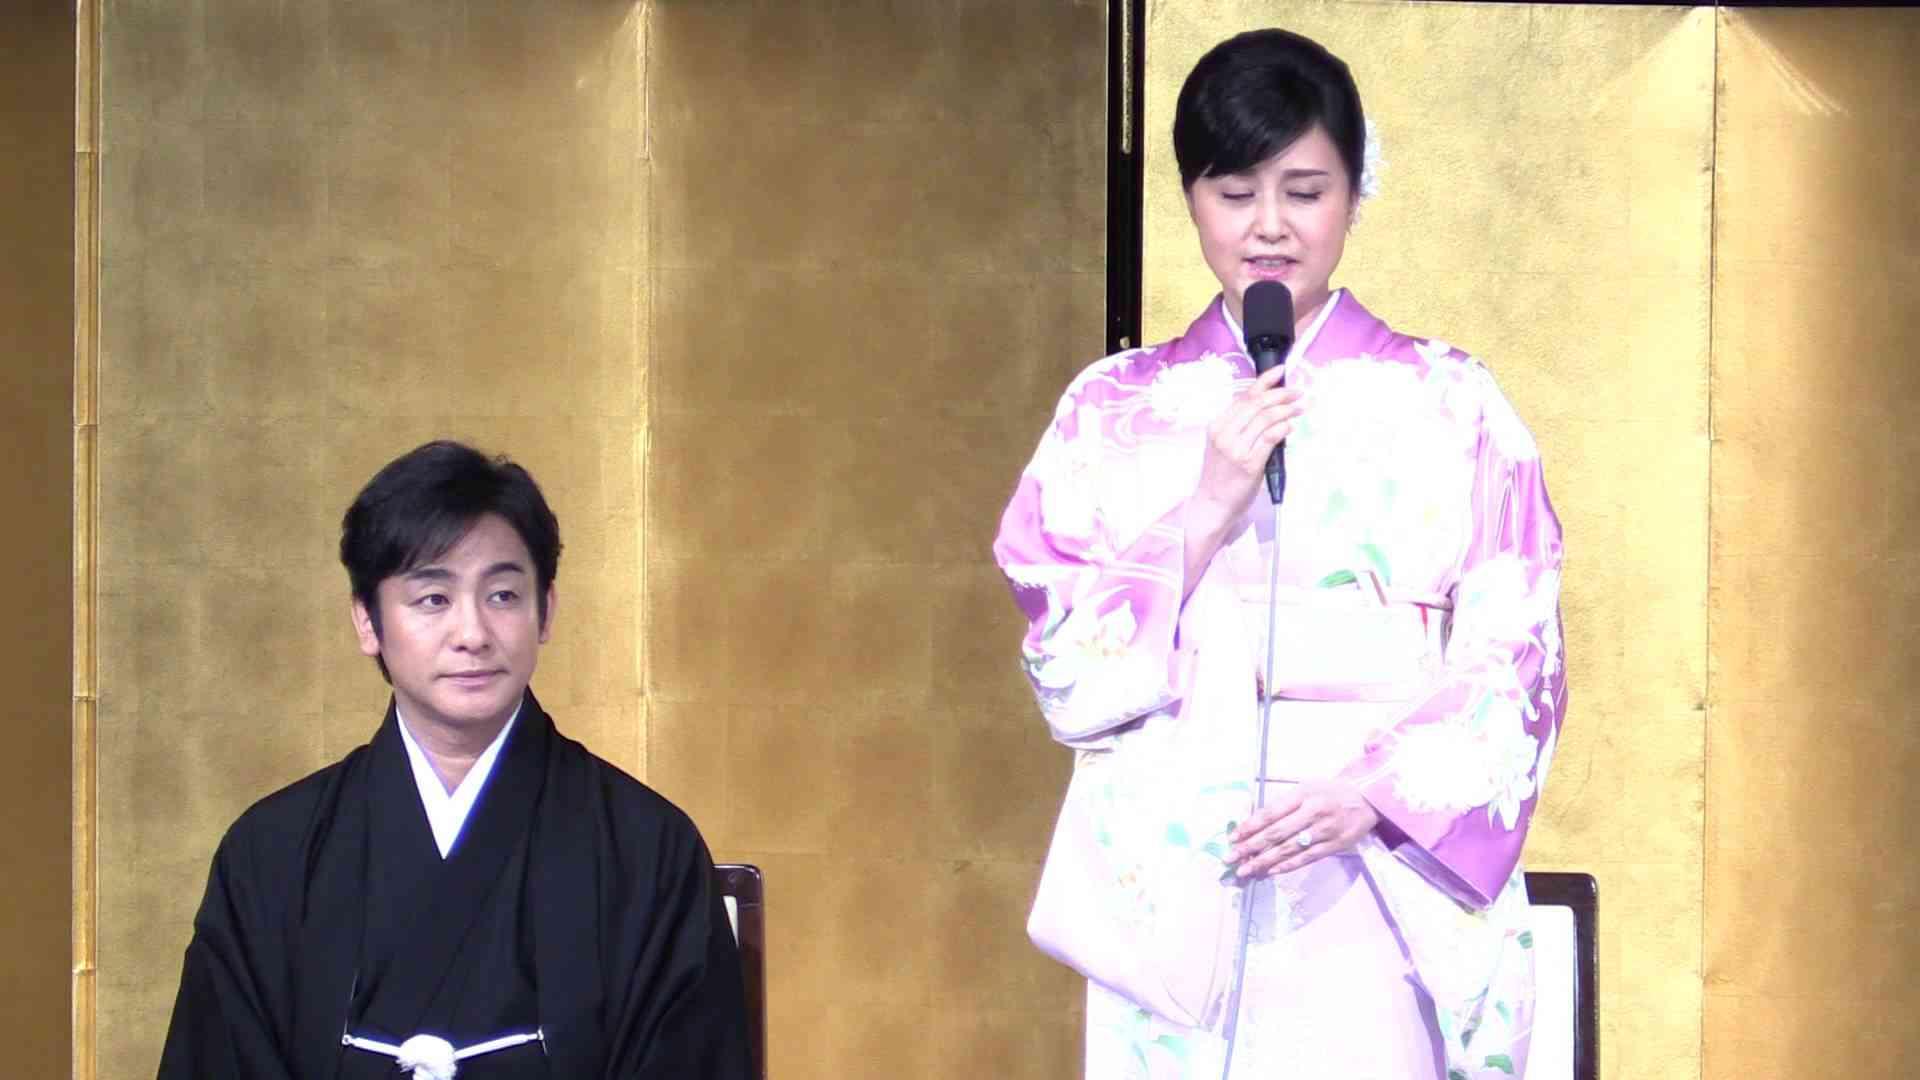 片岡愛之助さんと藤原紀香さんが結婚会見(フルバージョン) - YouTube